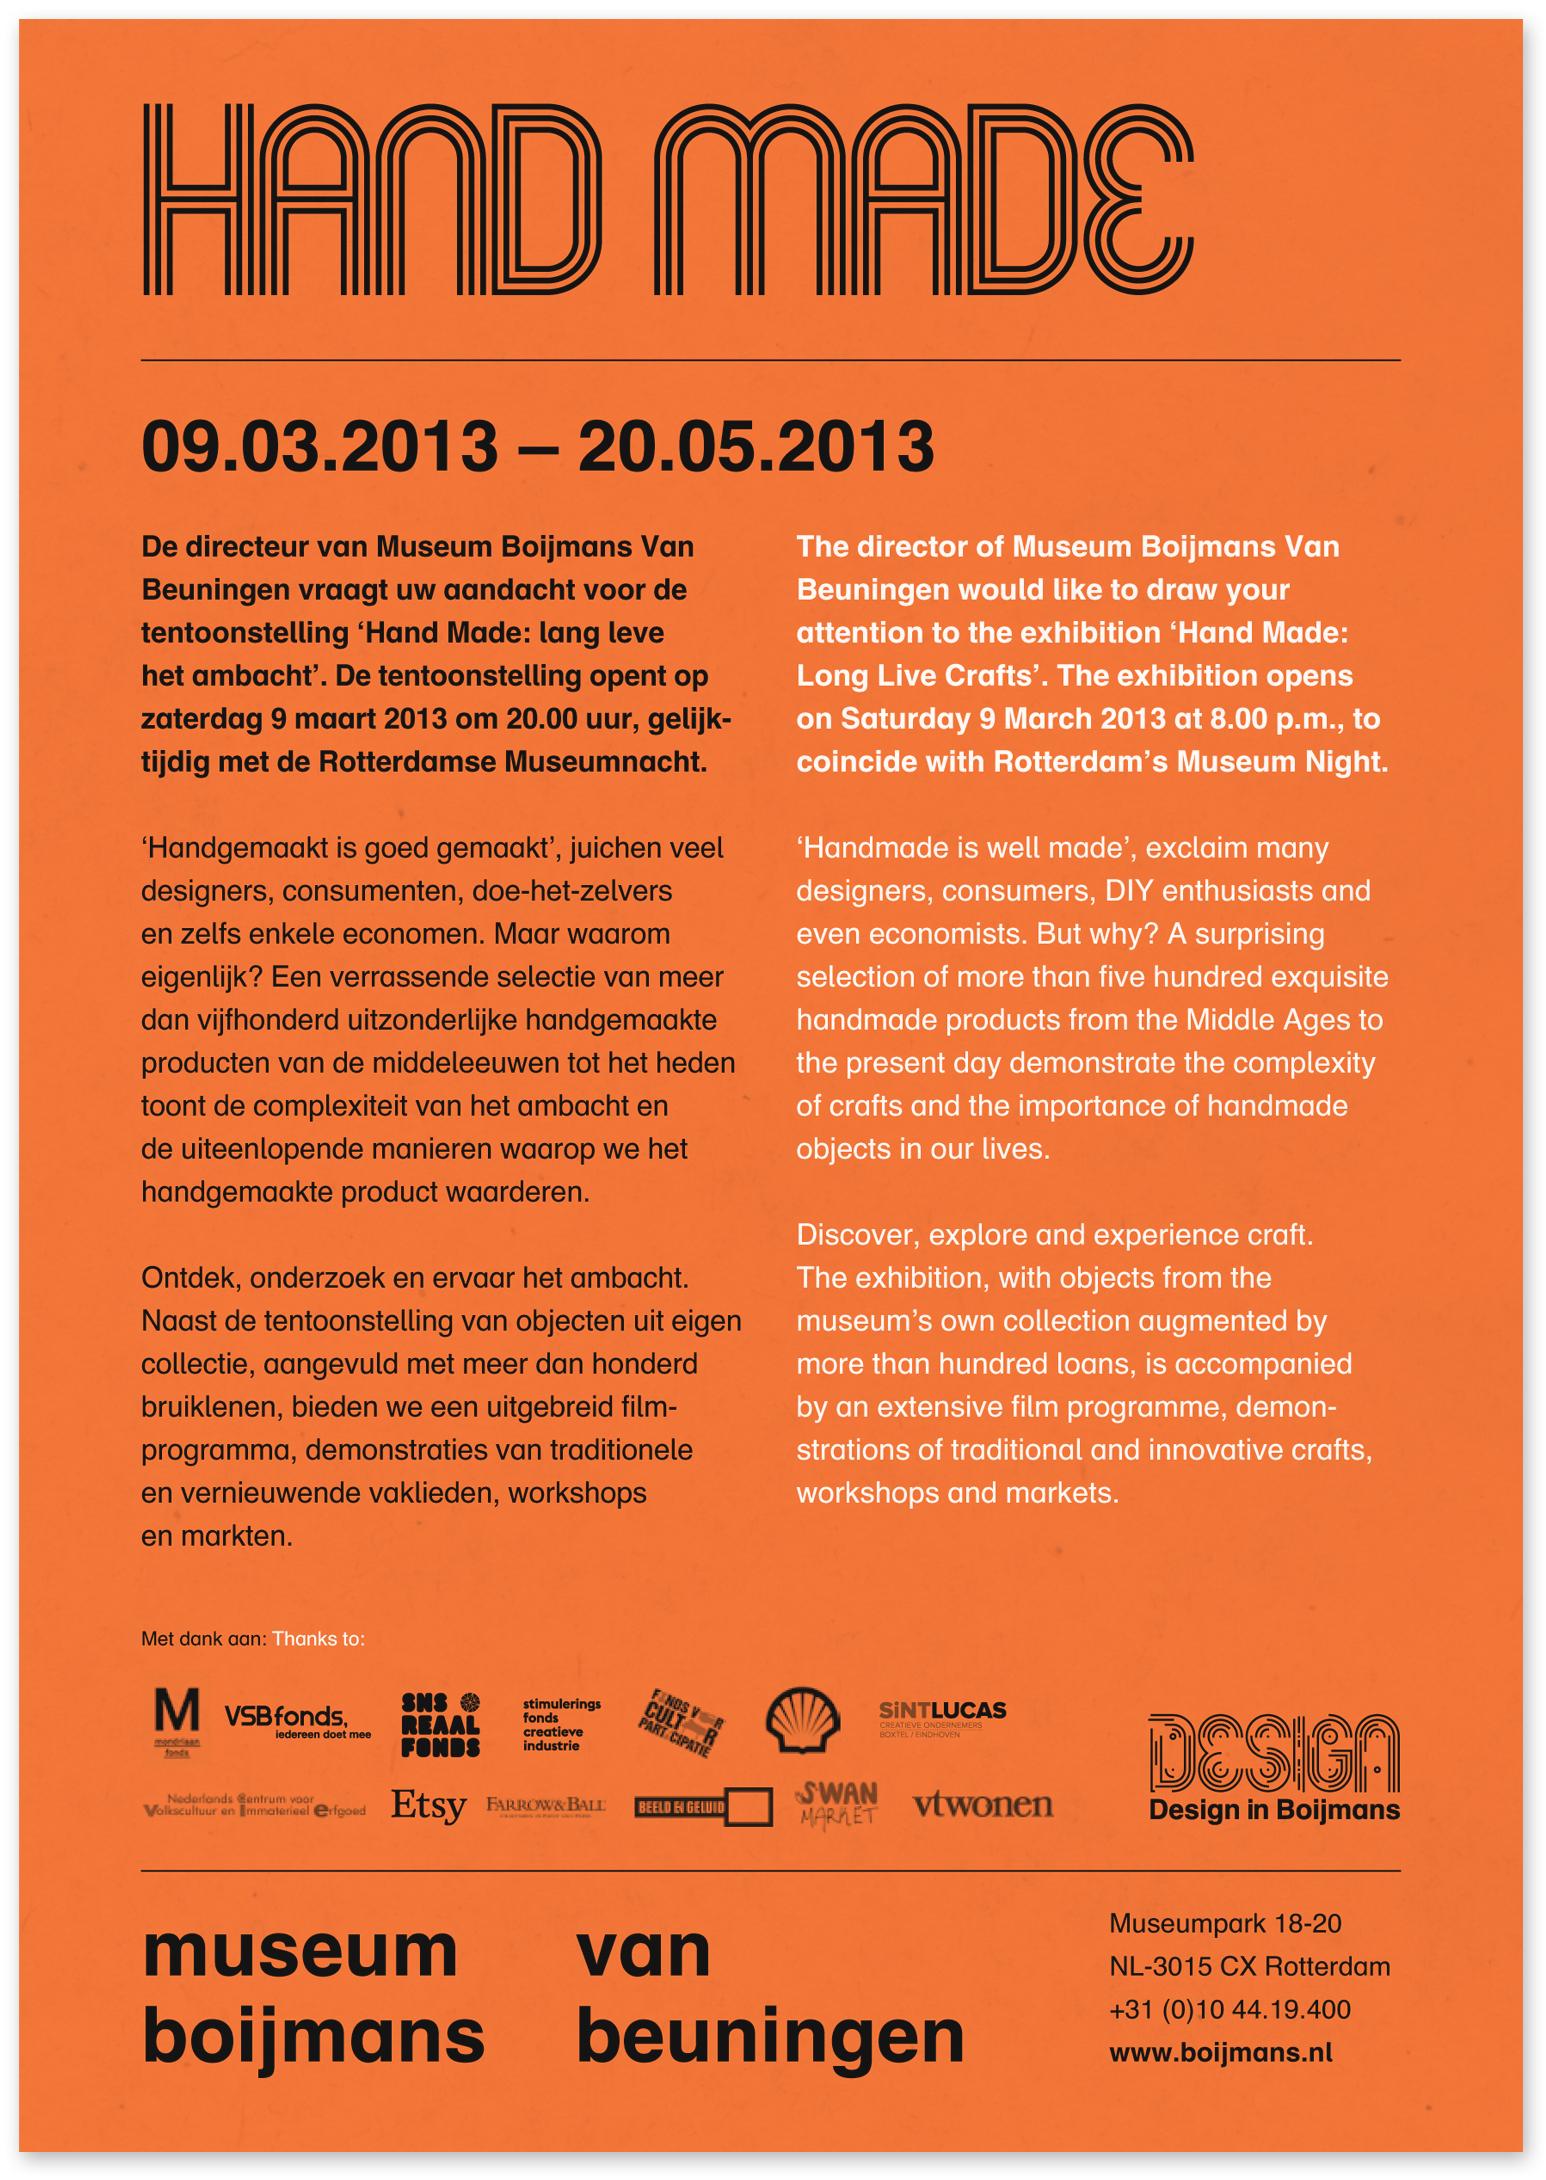 bstudio_colorado-boijmans_van_beuningen-flyer_hand_made-2